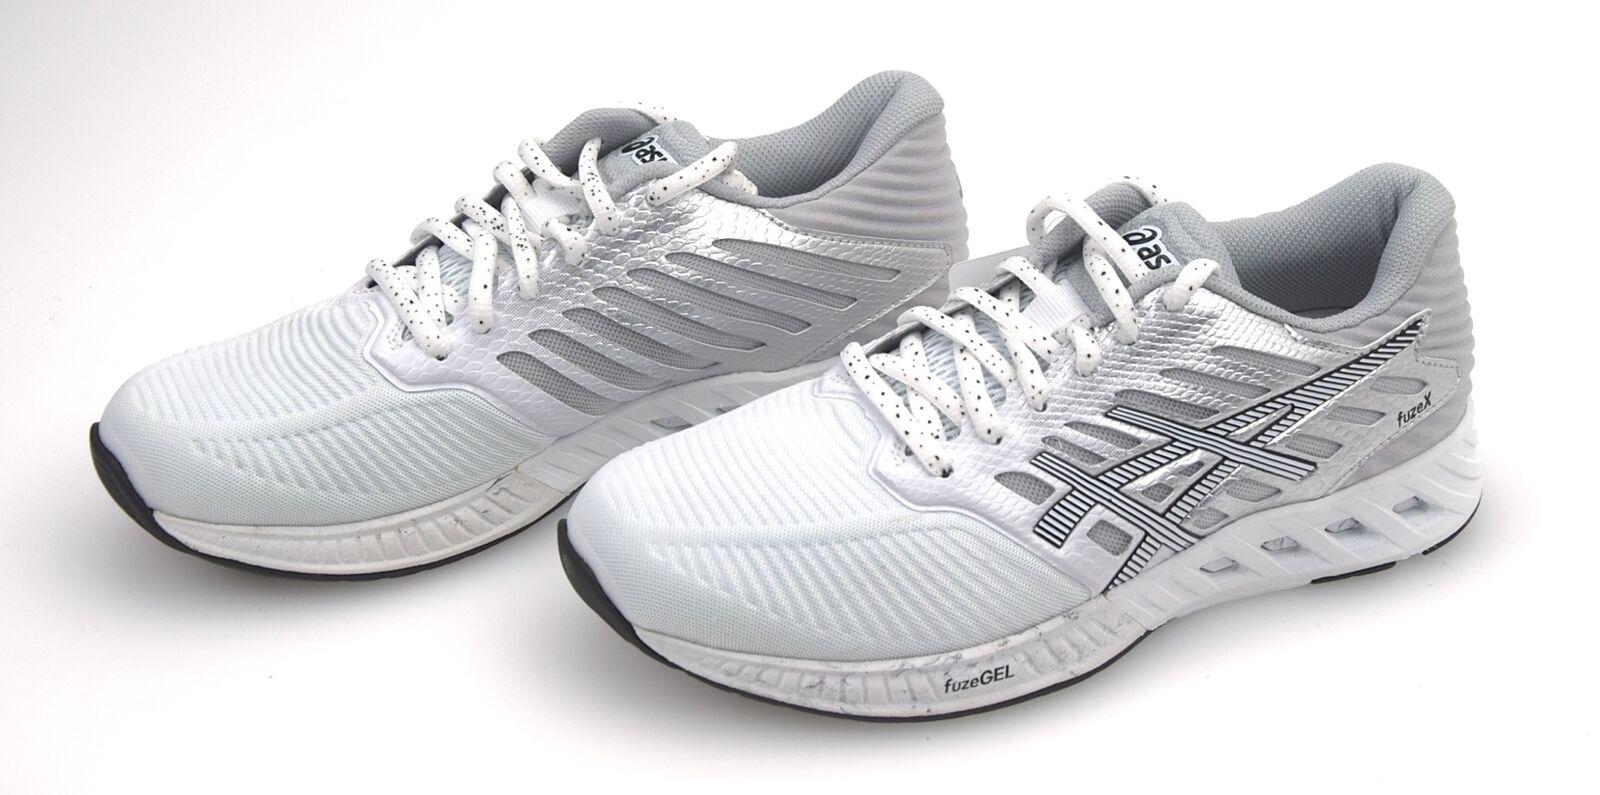 punto de venta en línea Asics mujer tenis Zapatos Zapatos Zapatos Casuales De Tiempo Libre Cuero Sintético código Fuze X T689Q  promociones